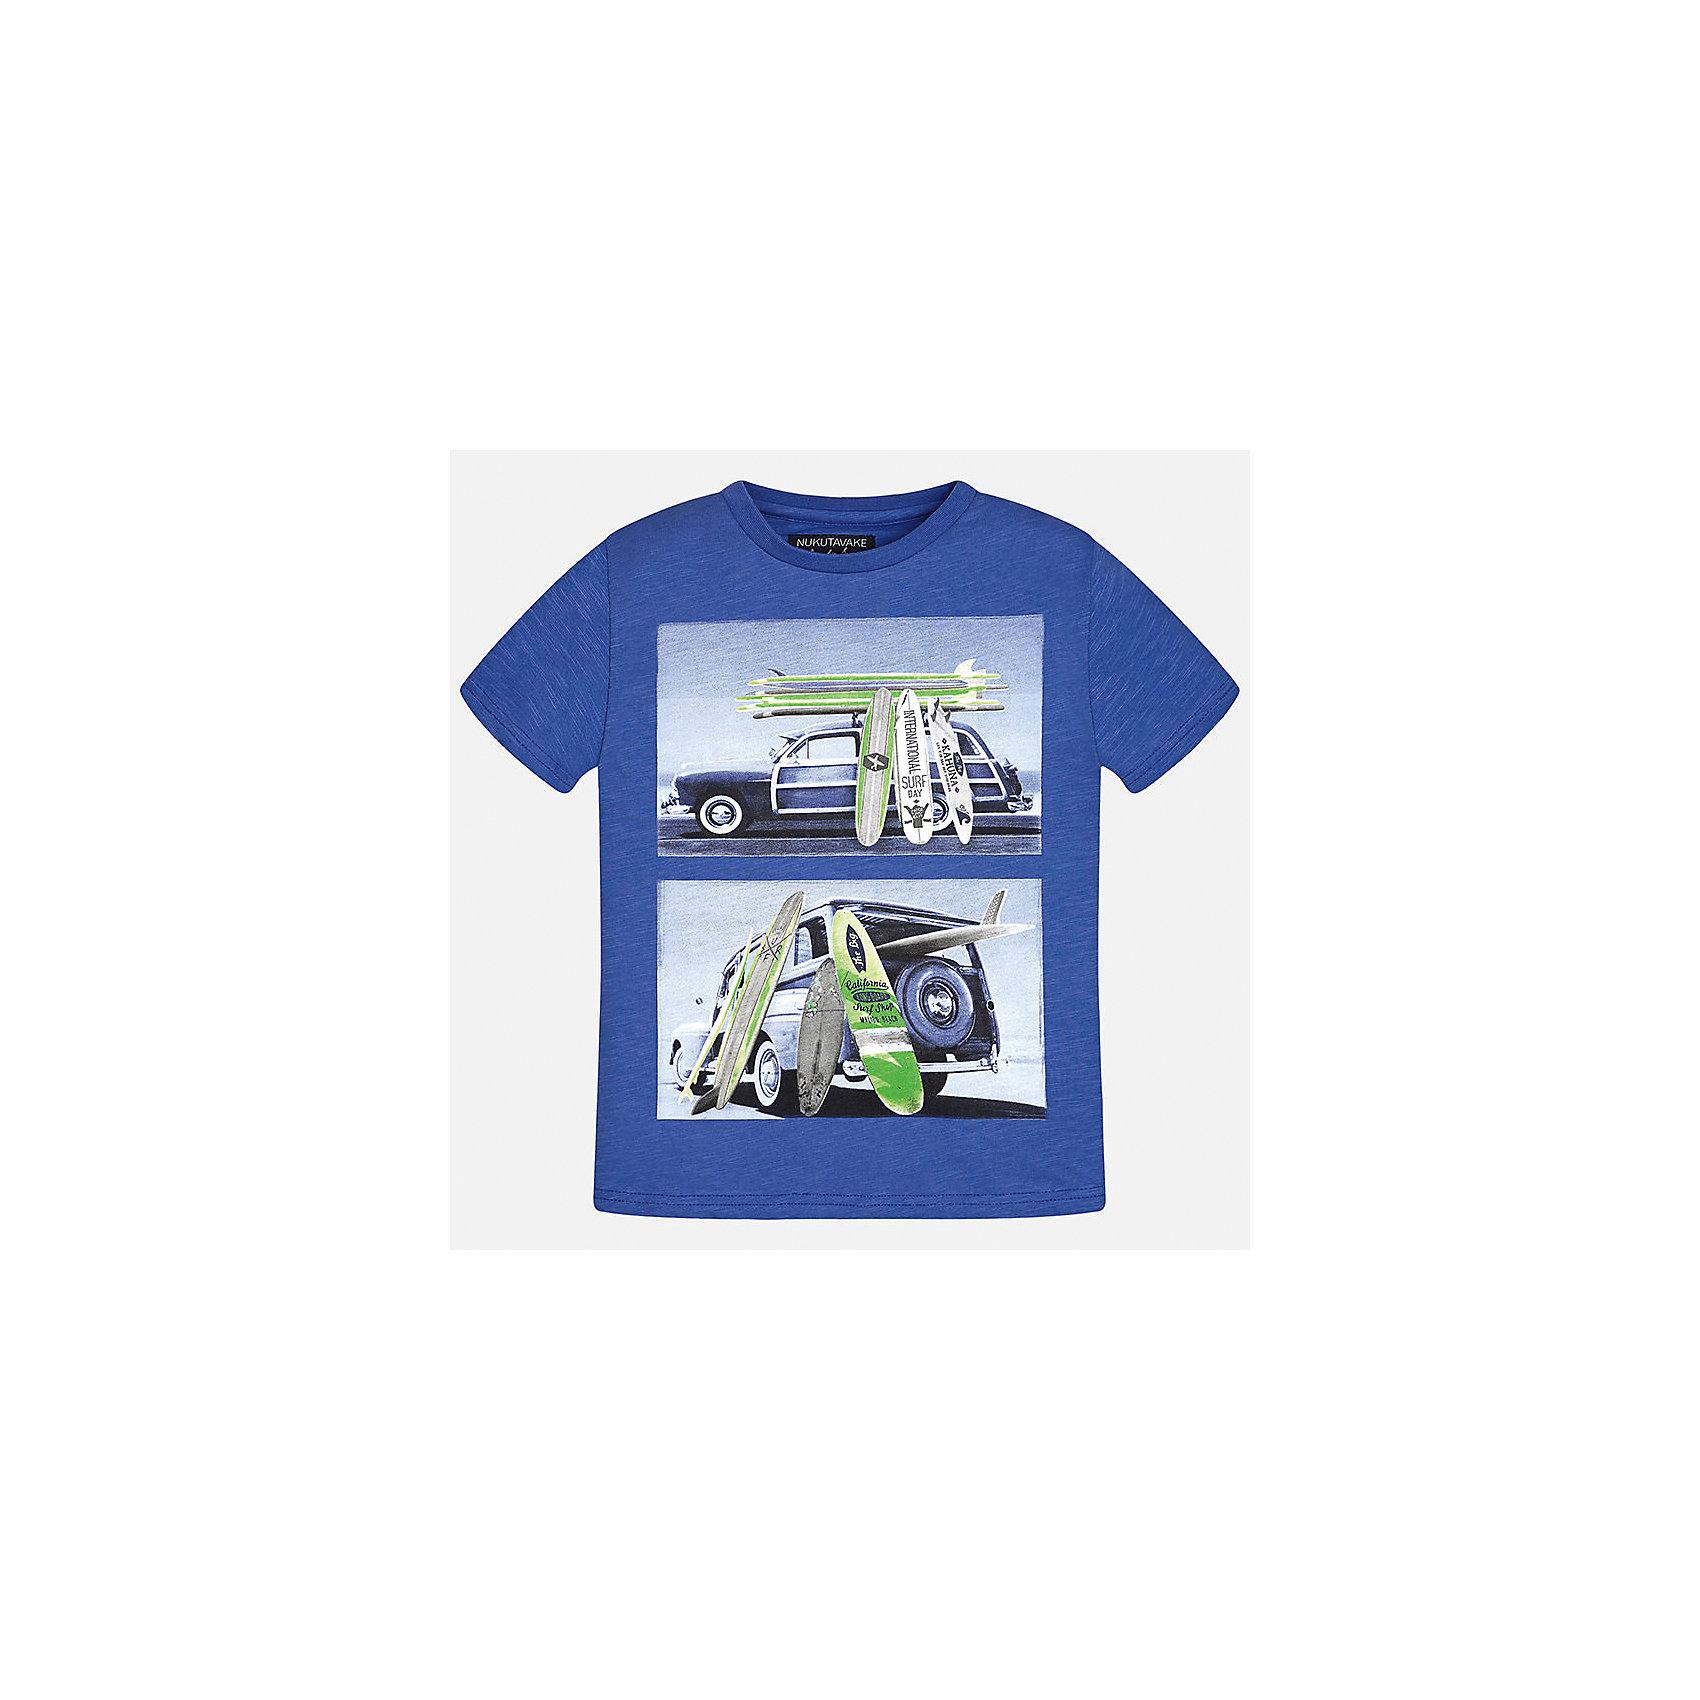 Футболка для мальчика MayoralФутболки, поло и топы<br>Характеристики товара:<br><br>• цвет: синий<br>• состав: 100% хлопок<br>• круглый горловой вырез<br>• декорирована принтом<br>• короткие рукава<br>• мягкая отделка горловины<br>• страна бренда: Испания<br><br>Стильная удобная футболка с принтом поможет разнообразить гардероб мальчика. Она отлично сочетается с брюками, шортами, джинсами. Универсальный крой и цвет позволяет подобрать к вещи низ разных расцветок. Практичное и стильное изделие! Хорошо смотрится и комфортно сидит на детях. В составе материала - только натуральный хлопок, гипоаллергенный, приятный на ощупь, дышащий. <br><br>Одежда, обувь и аксессуары от испанского бренда Mayoral полюбились детям и взрослым по всему миру. Модели этой марки - стильные и удобные. Для их производства используются только безопасные, качественные материалы и фурнитура. Порадуйте ребенка модными и красивыми вещами от Mayoral! <br><br>Футболку для мальчика от испанского бренда Mayoral (Майорал) можно купить в нашем интернет-магазине.<br><br>Ширина мм: 199<br>Глубина мм: 10<br>Высота мм: 161<br>Вес г: 151<br>Цвет: серый<br>Возраст от месяцев: 84<br>Возраст до месяцев: 96<br>Пол: Мужской<br>Возраст: Детский<br>Размер: 128/134,170,164,158,152,140<br>SKU: 5281323